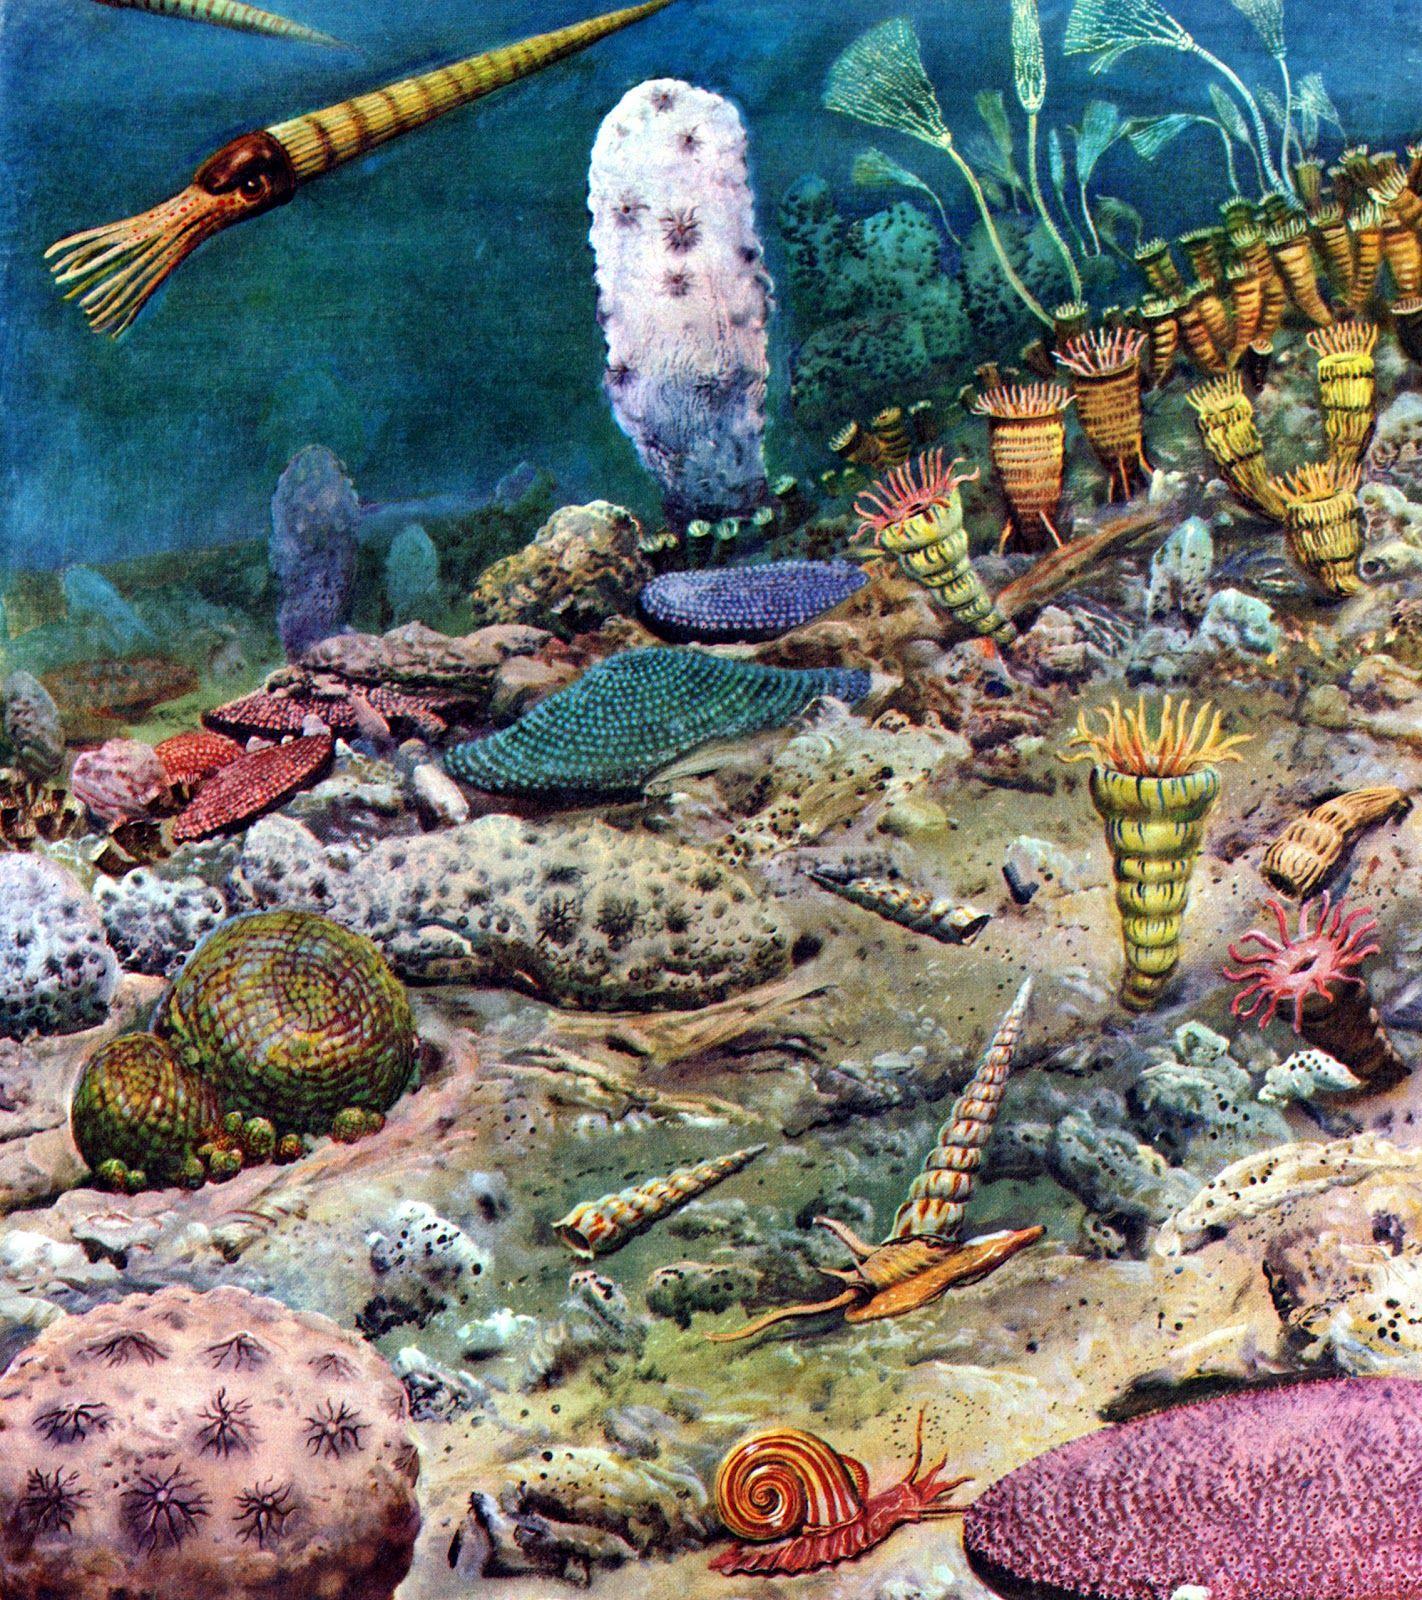 этом картинка древнего океана узнать, как приготовить